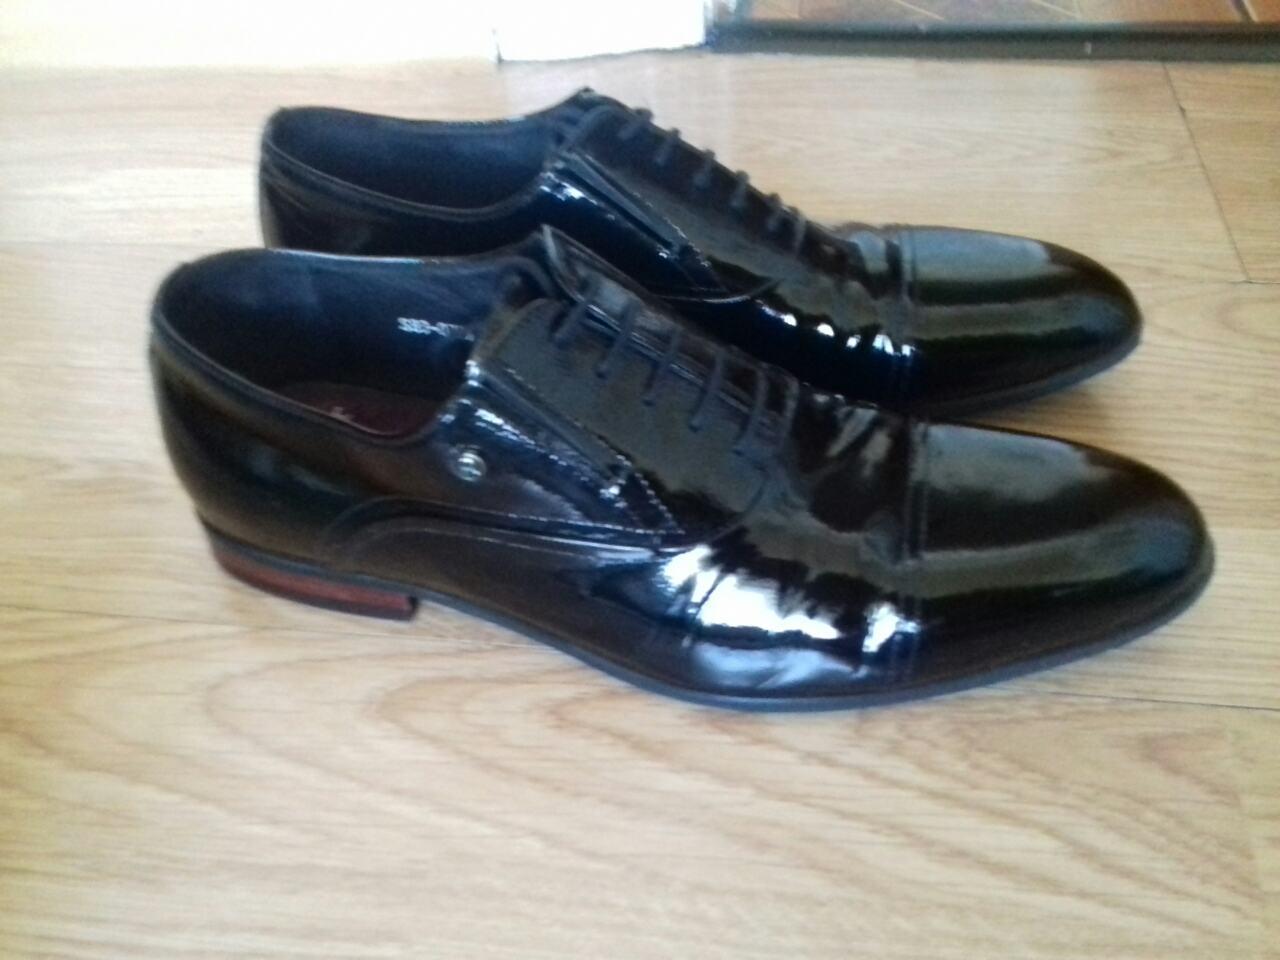 f6d308cf7 Мужские классические лаковые туфли Respect - Интернет-магазин